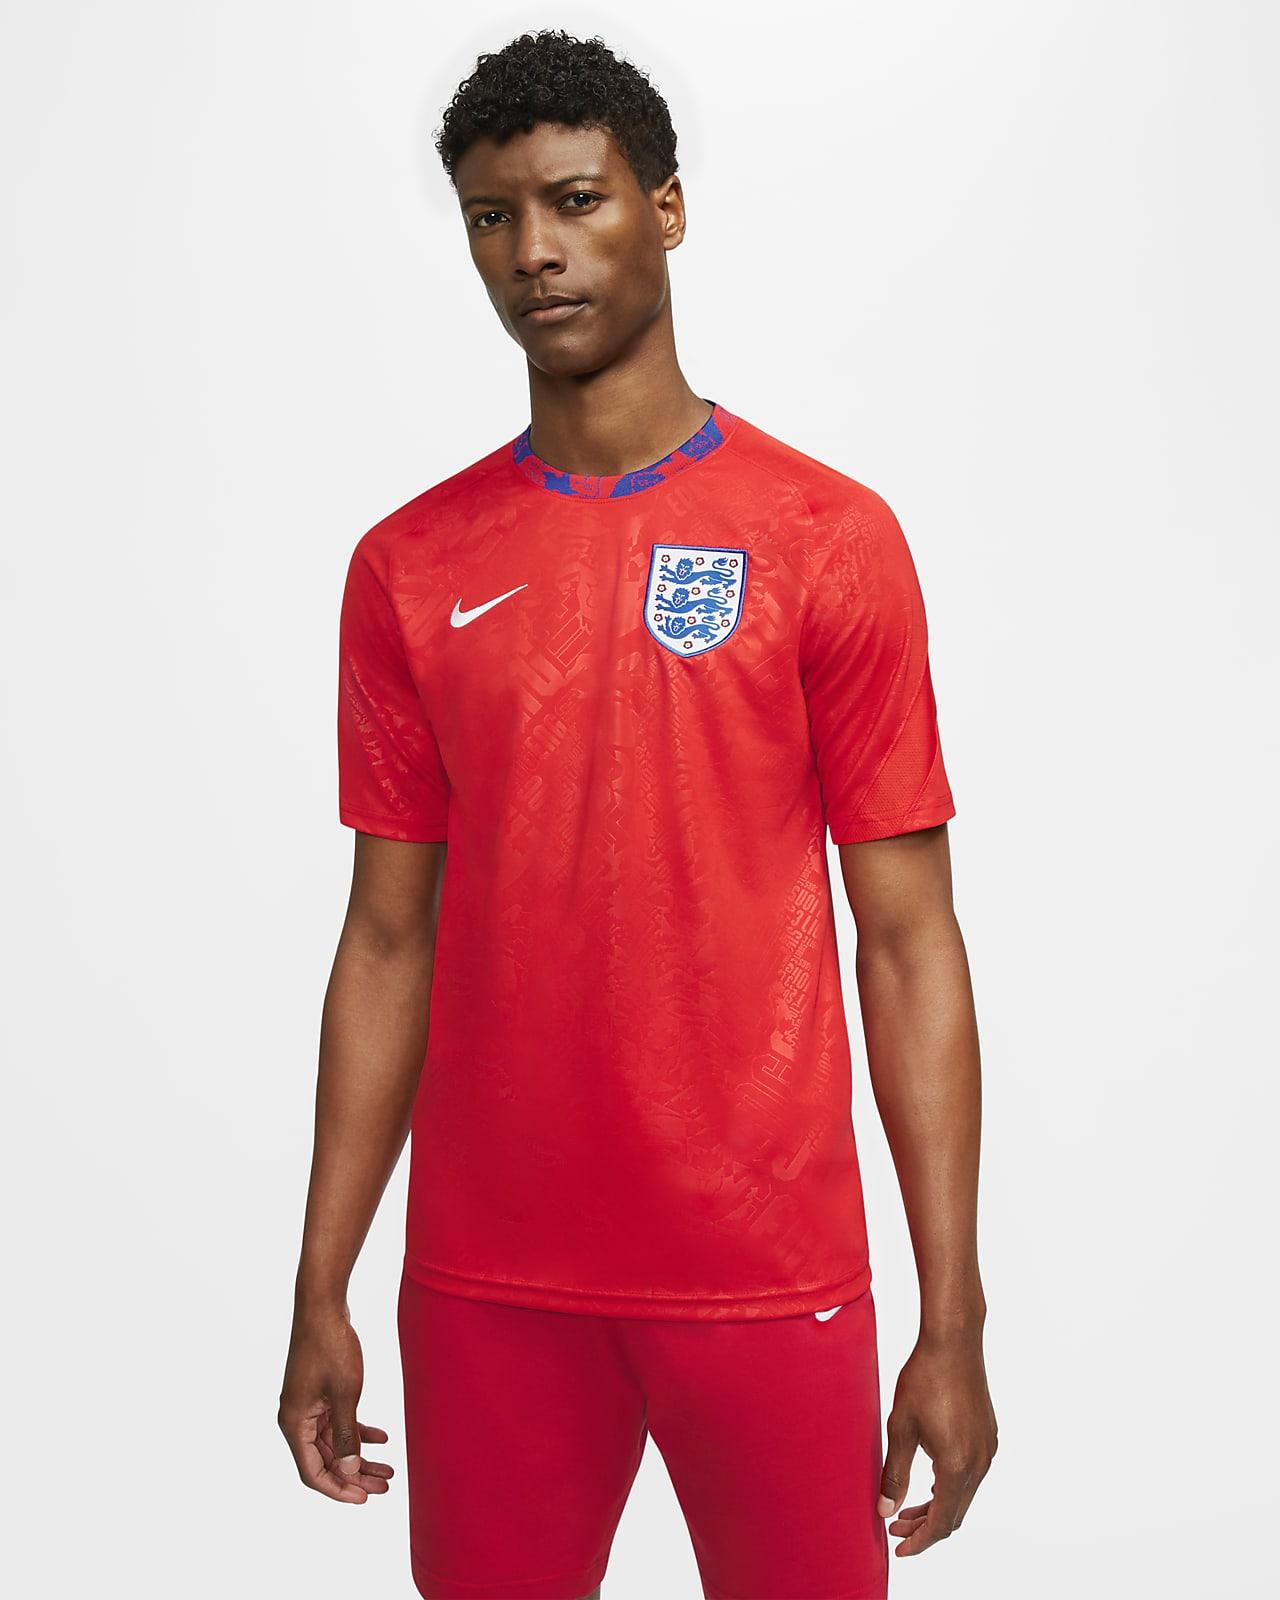 英格兰队男子短袖足球上衣